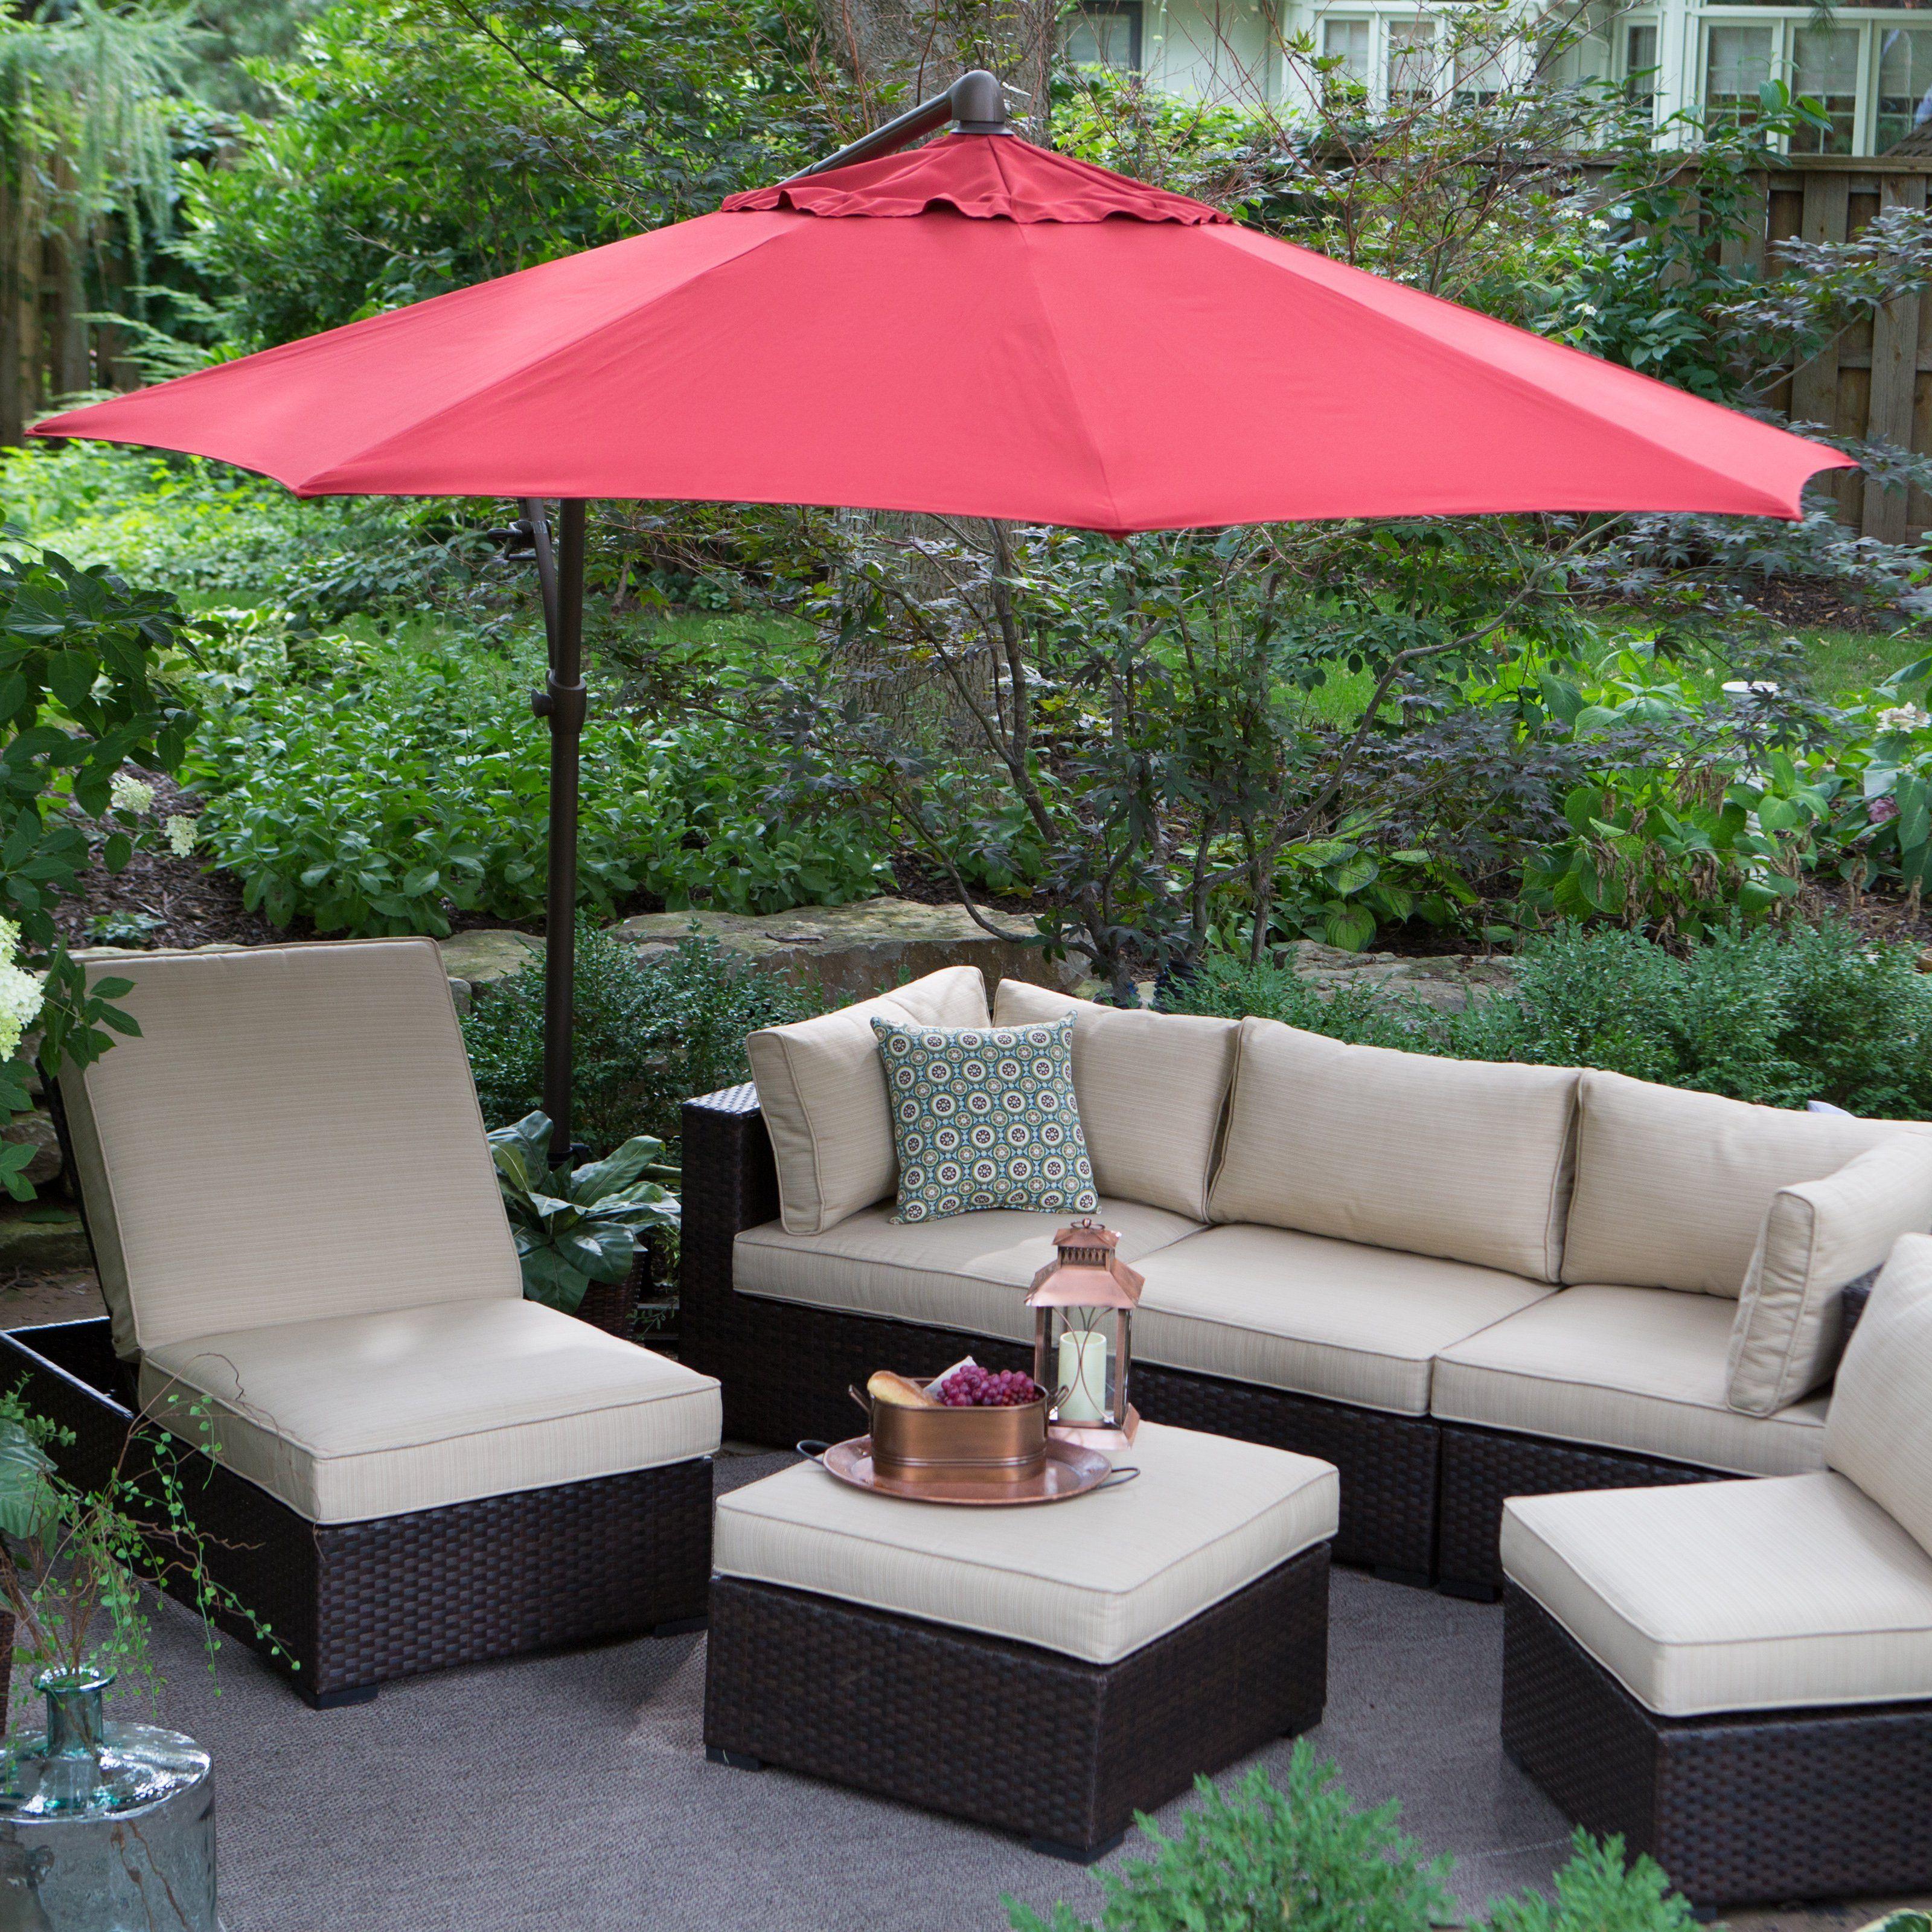 Treasure Garden 10 Ft. Cantilever Octagon Offset Patio Umbrella